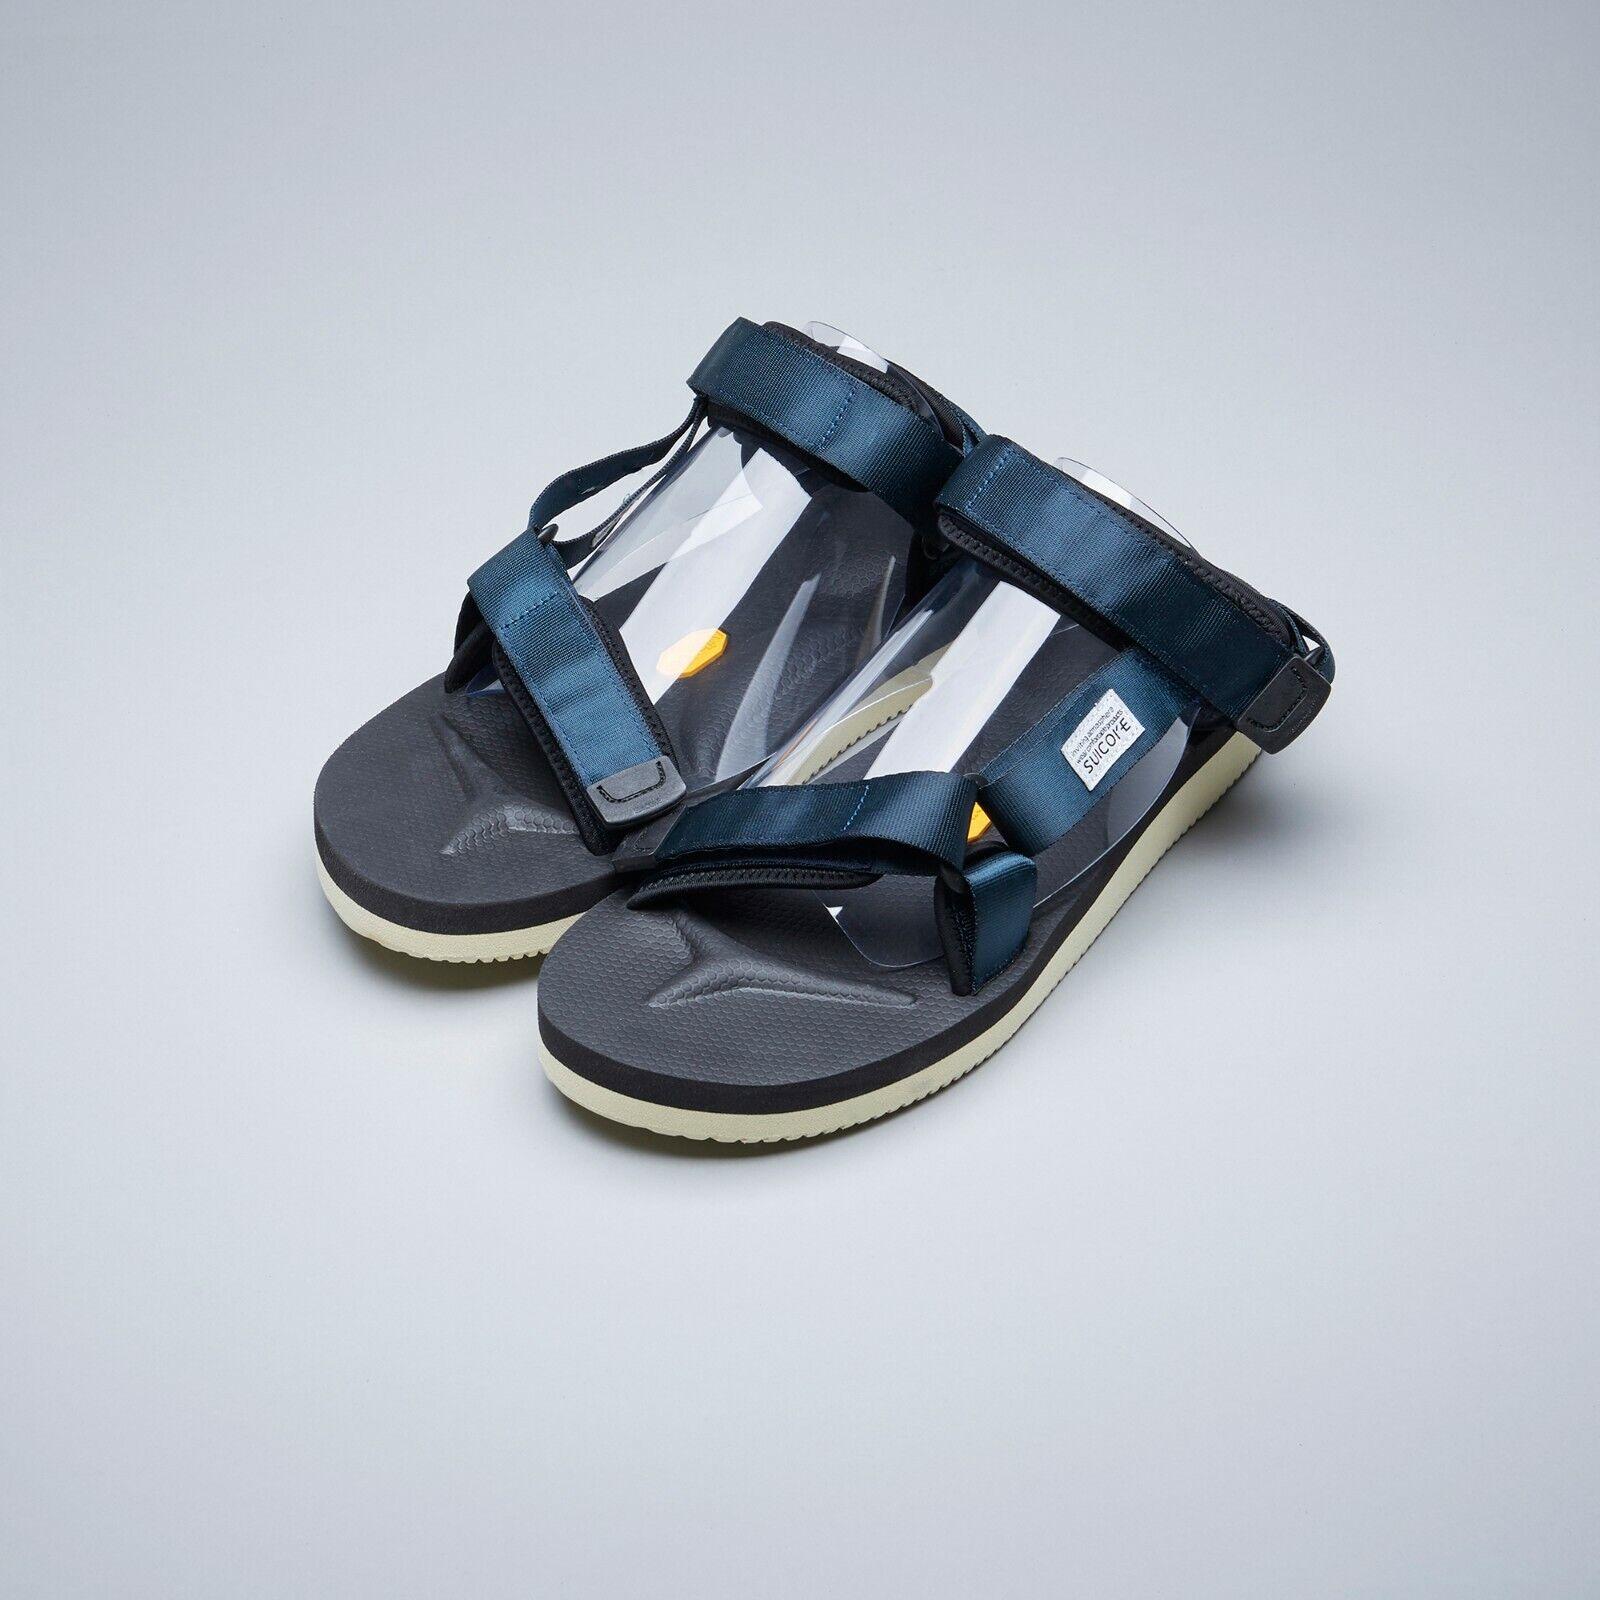 Suicoke OG-022V2   DEPA-V2 Navy bluee Nylon Vibram Sole Sandals Slippers Slides